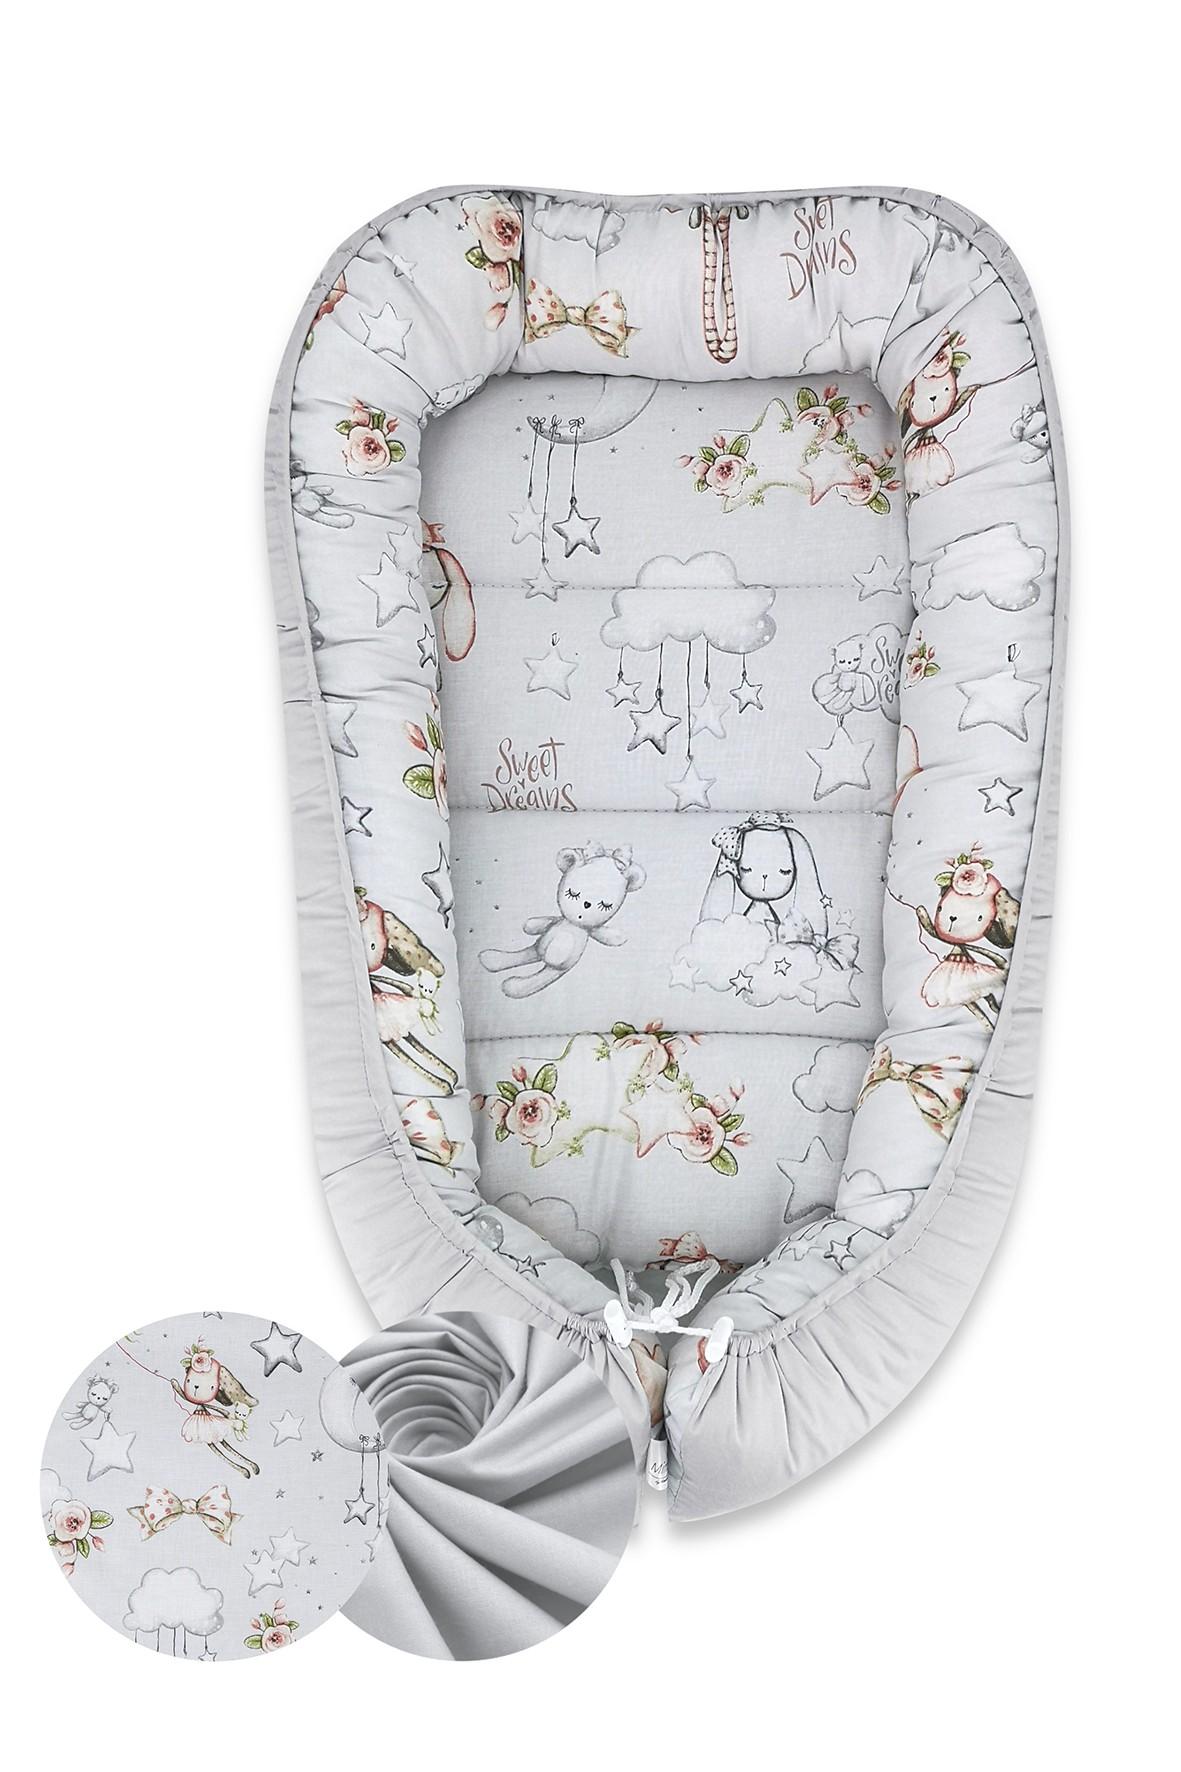 Kokon niemowlęcy 55x75cm - Kolorowe Sny